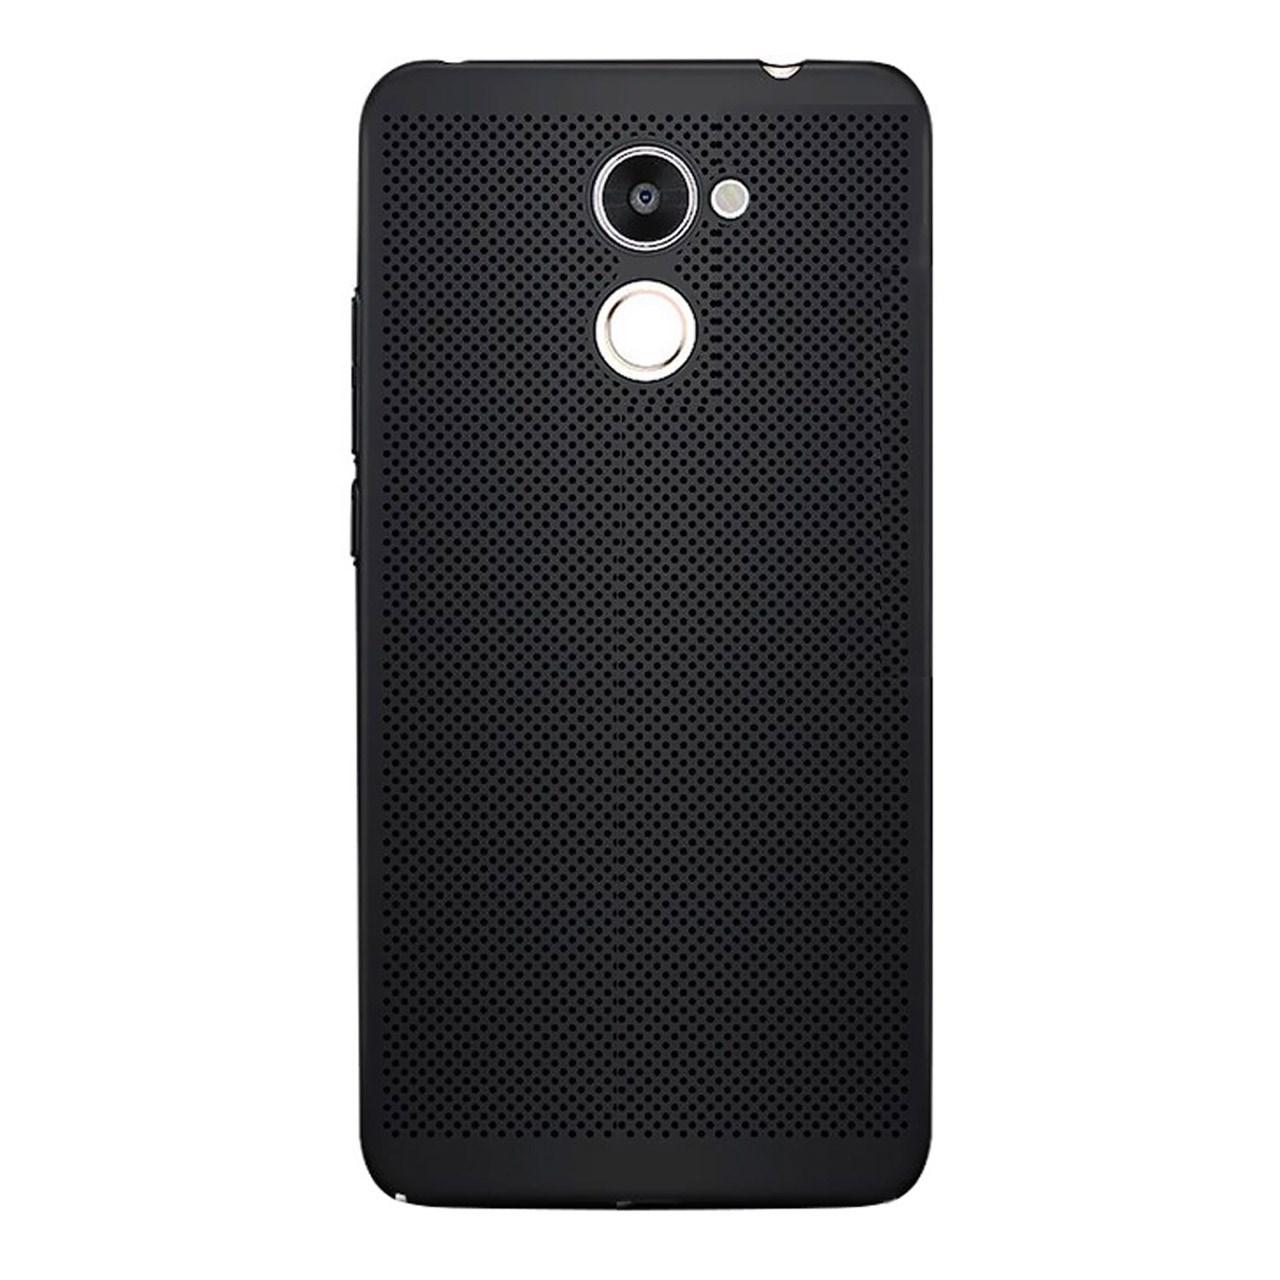 کاور مدل Hard Mesh مناسب برای گوشی موبایل هوآوی Y7 Prime